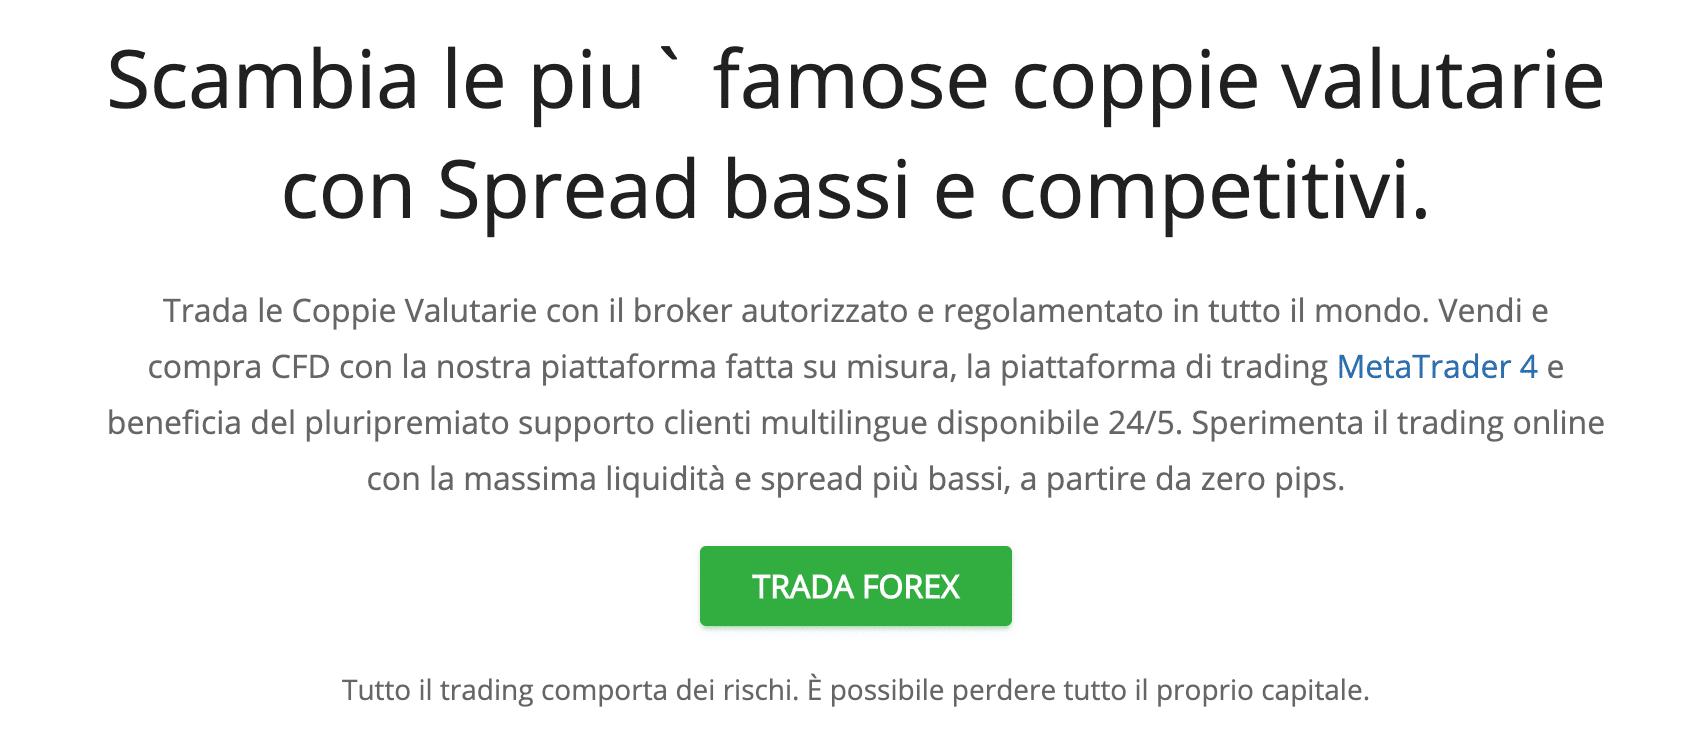 IronFX Truffa o Funziona? Opinioni e recensioni